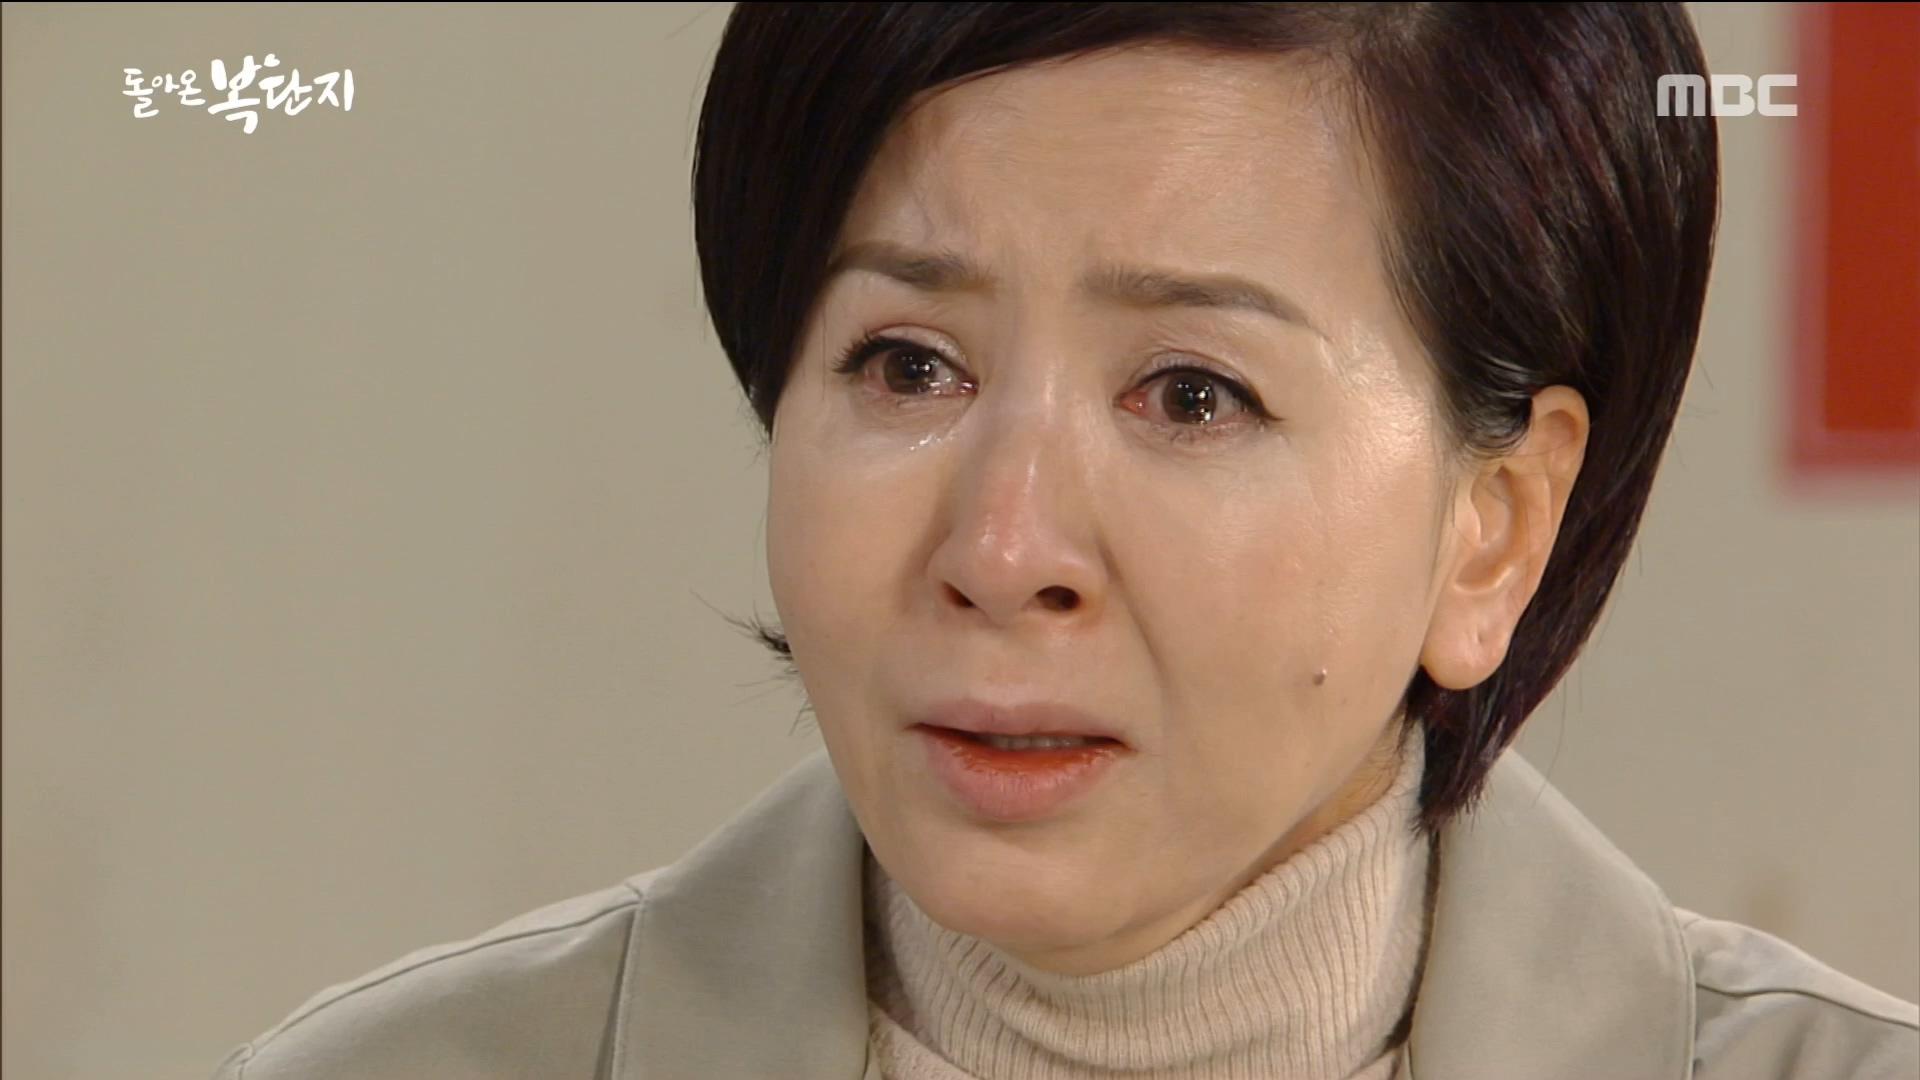 살인미수 혐의로 체포되는 송선미 '눈물 왈칵'